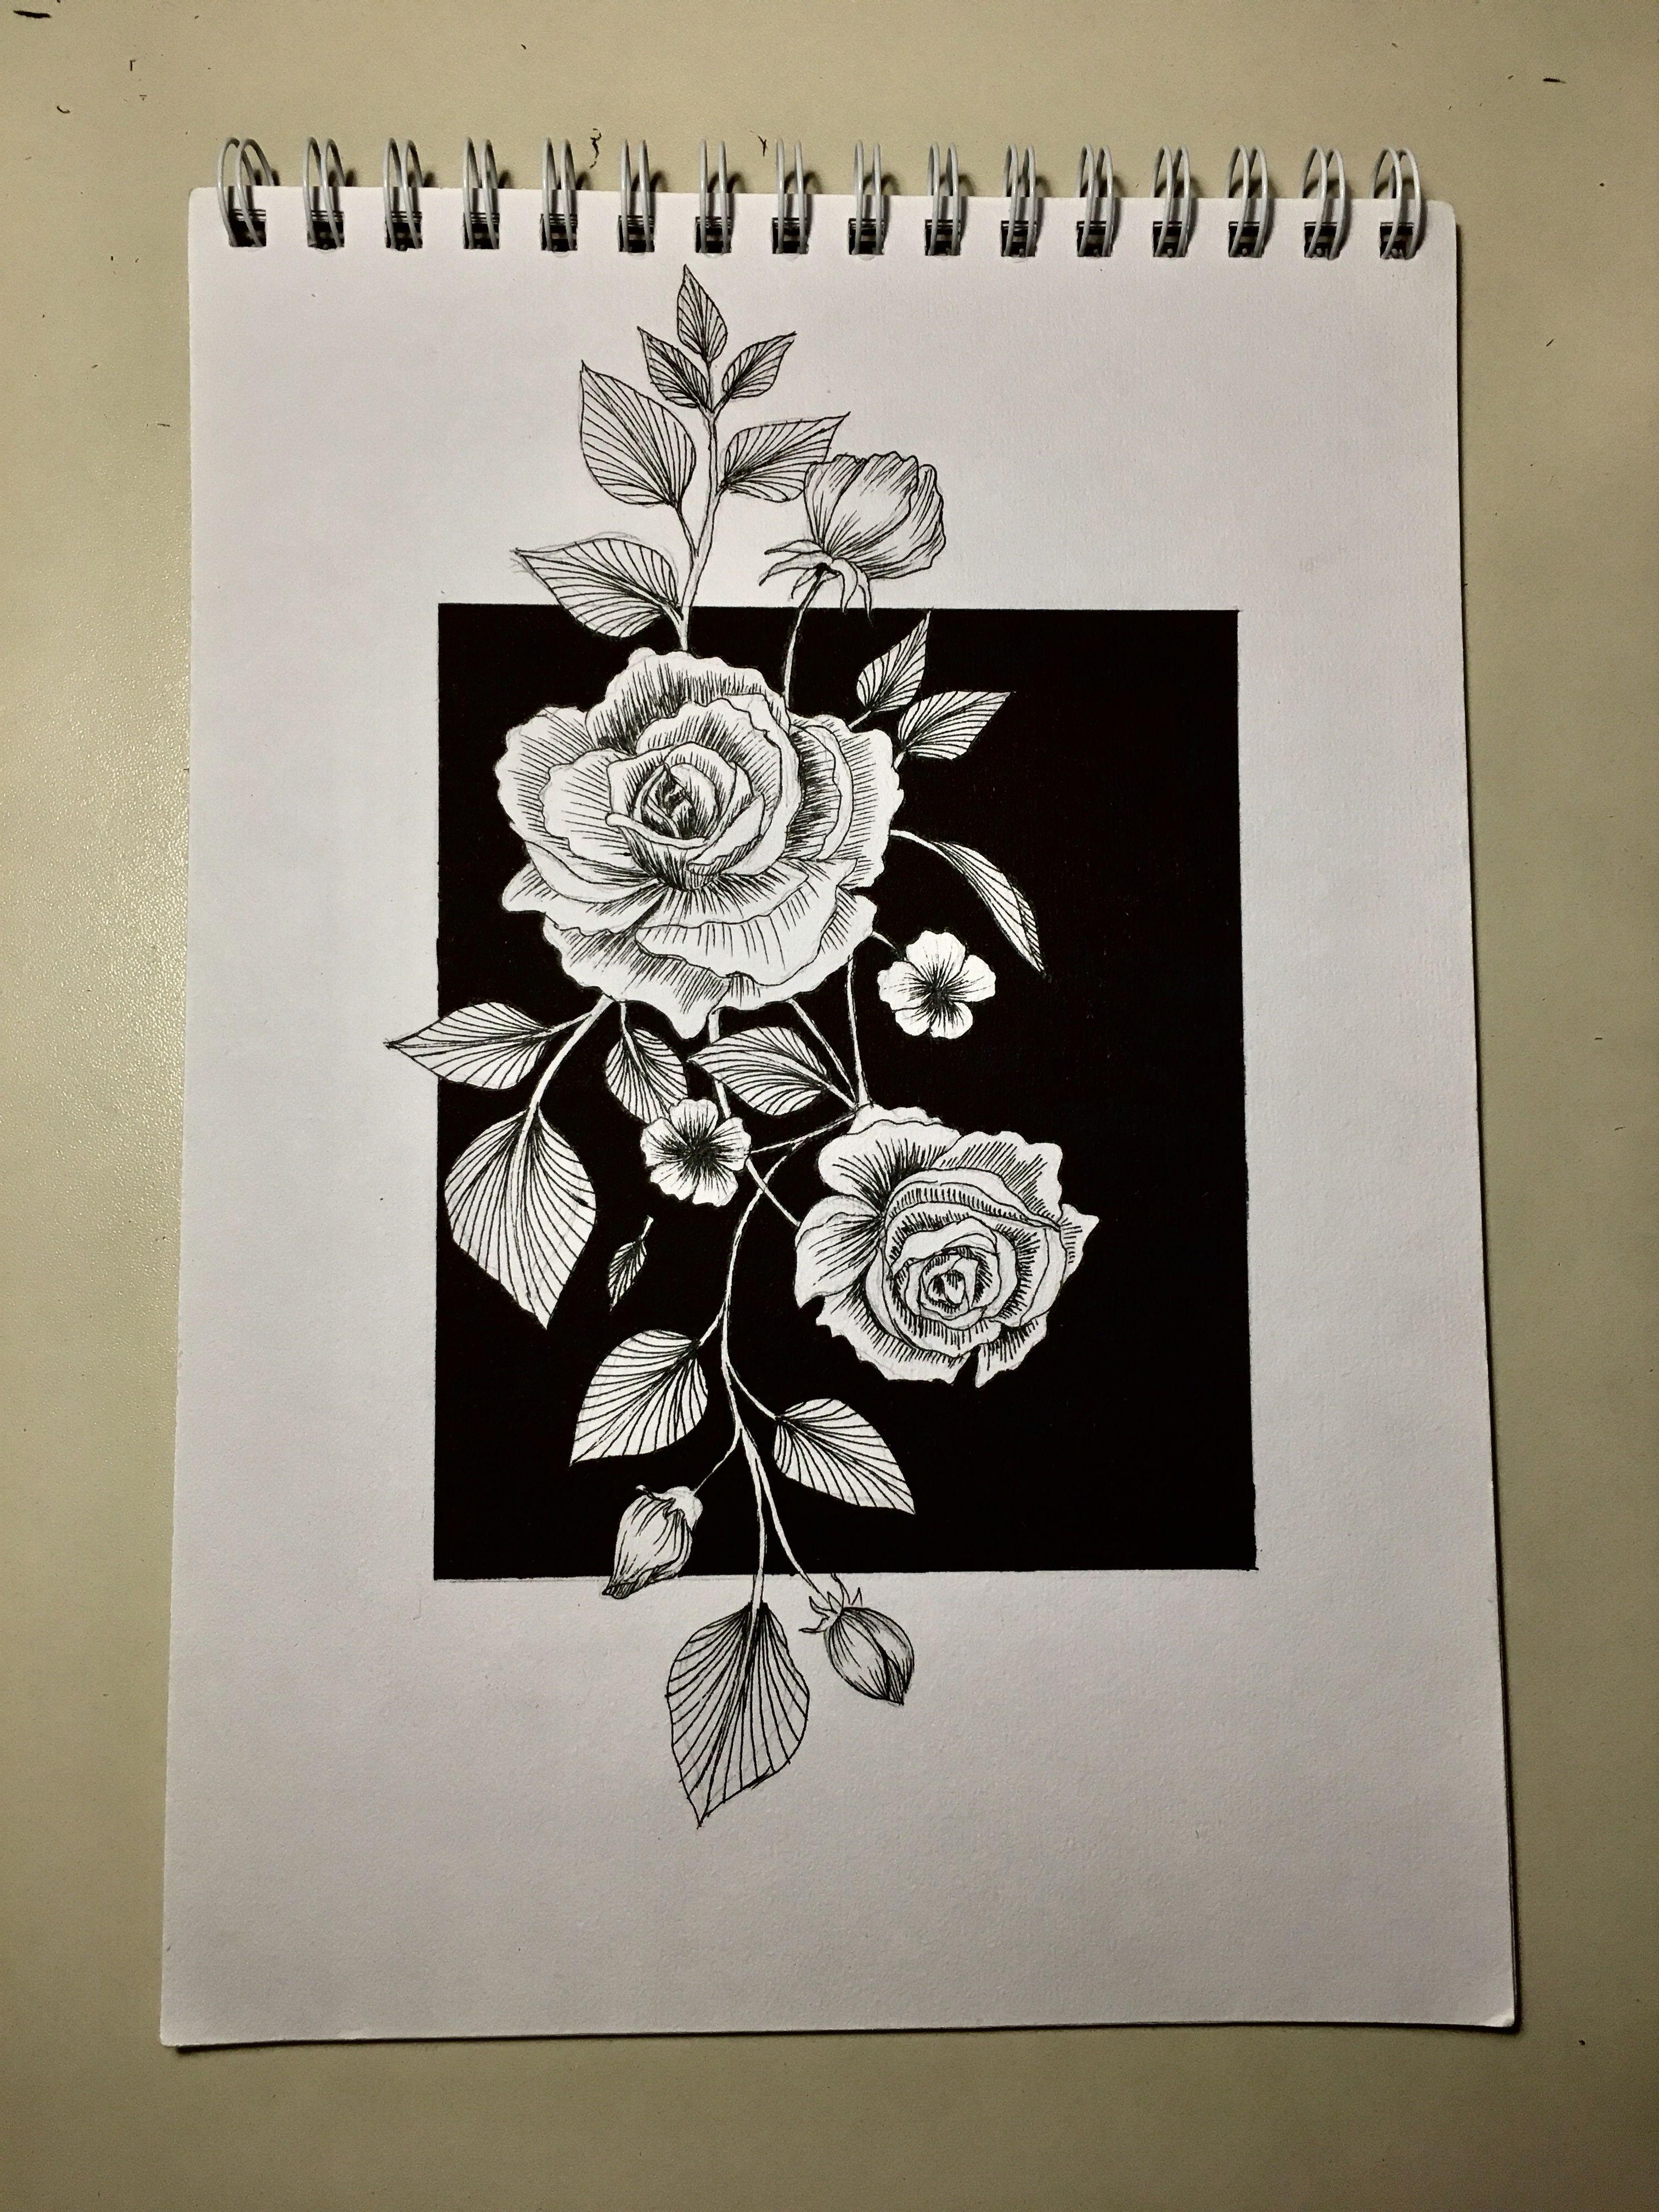 Flowerdrawingdrawrosetattooblackwhiteminimal zeichnenmalen